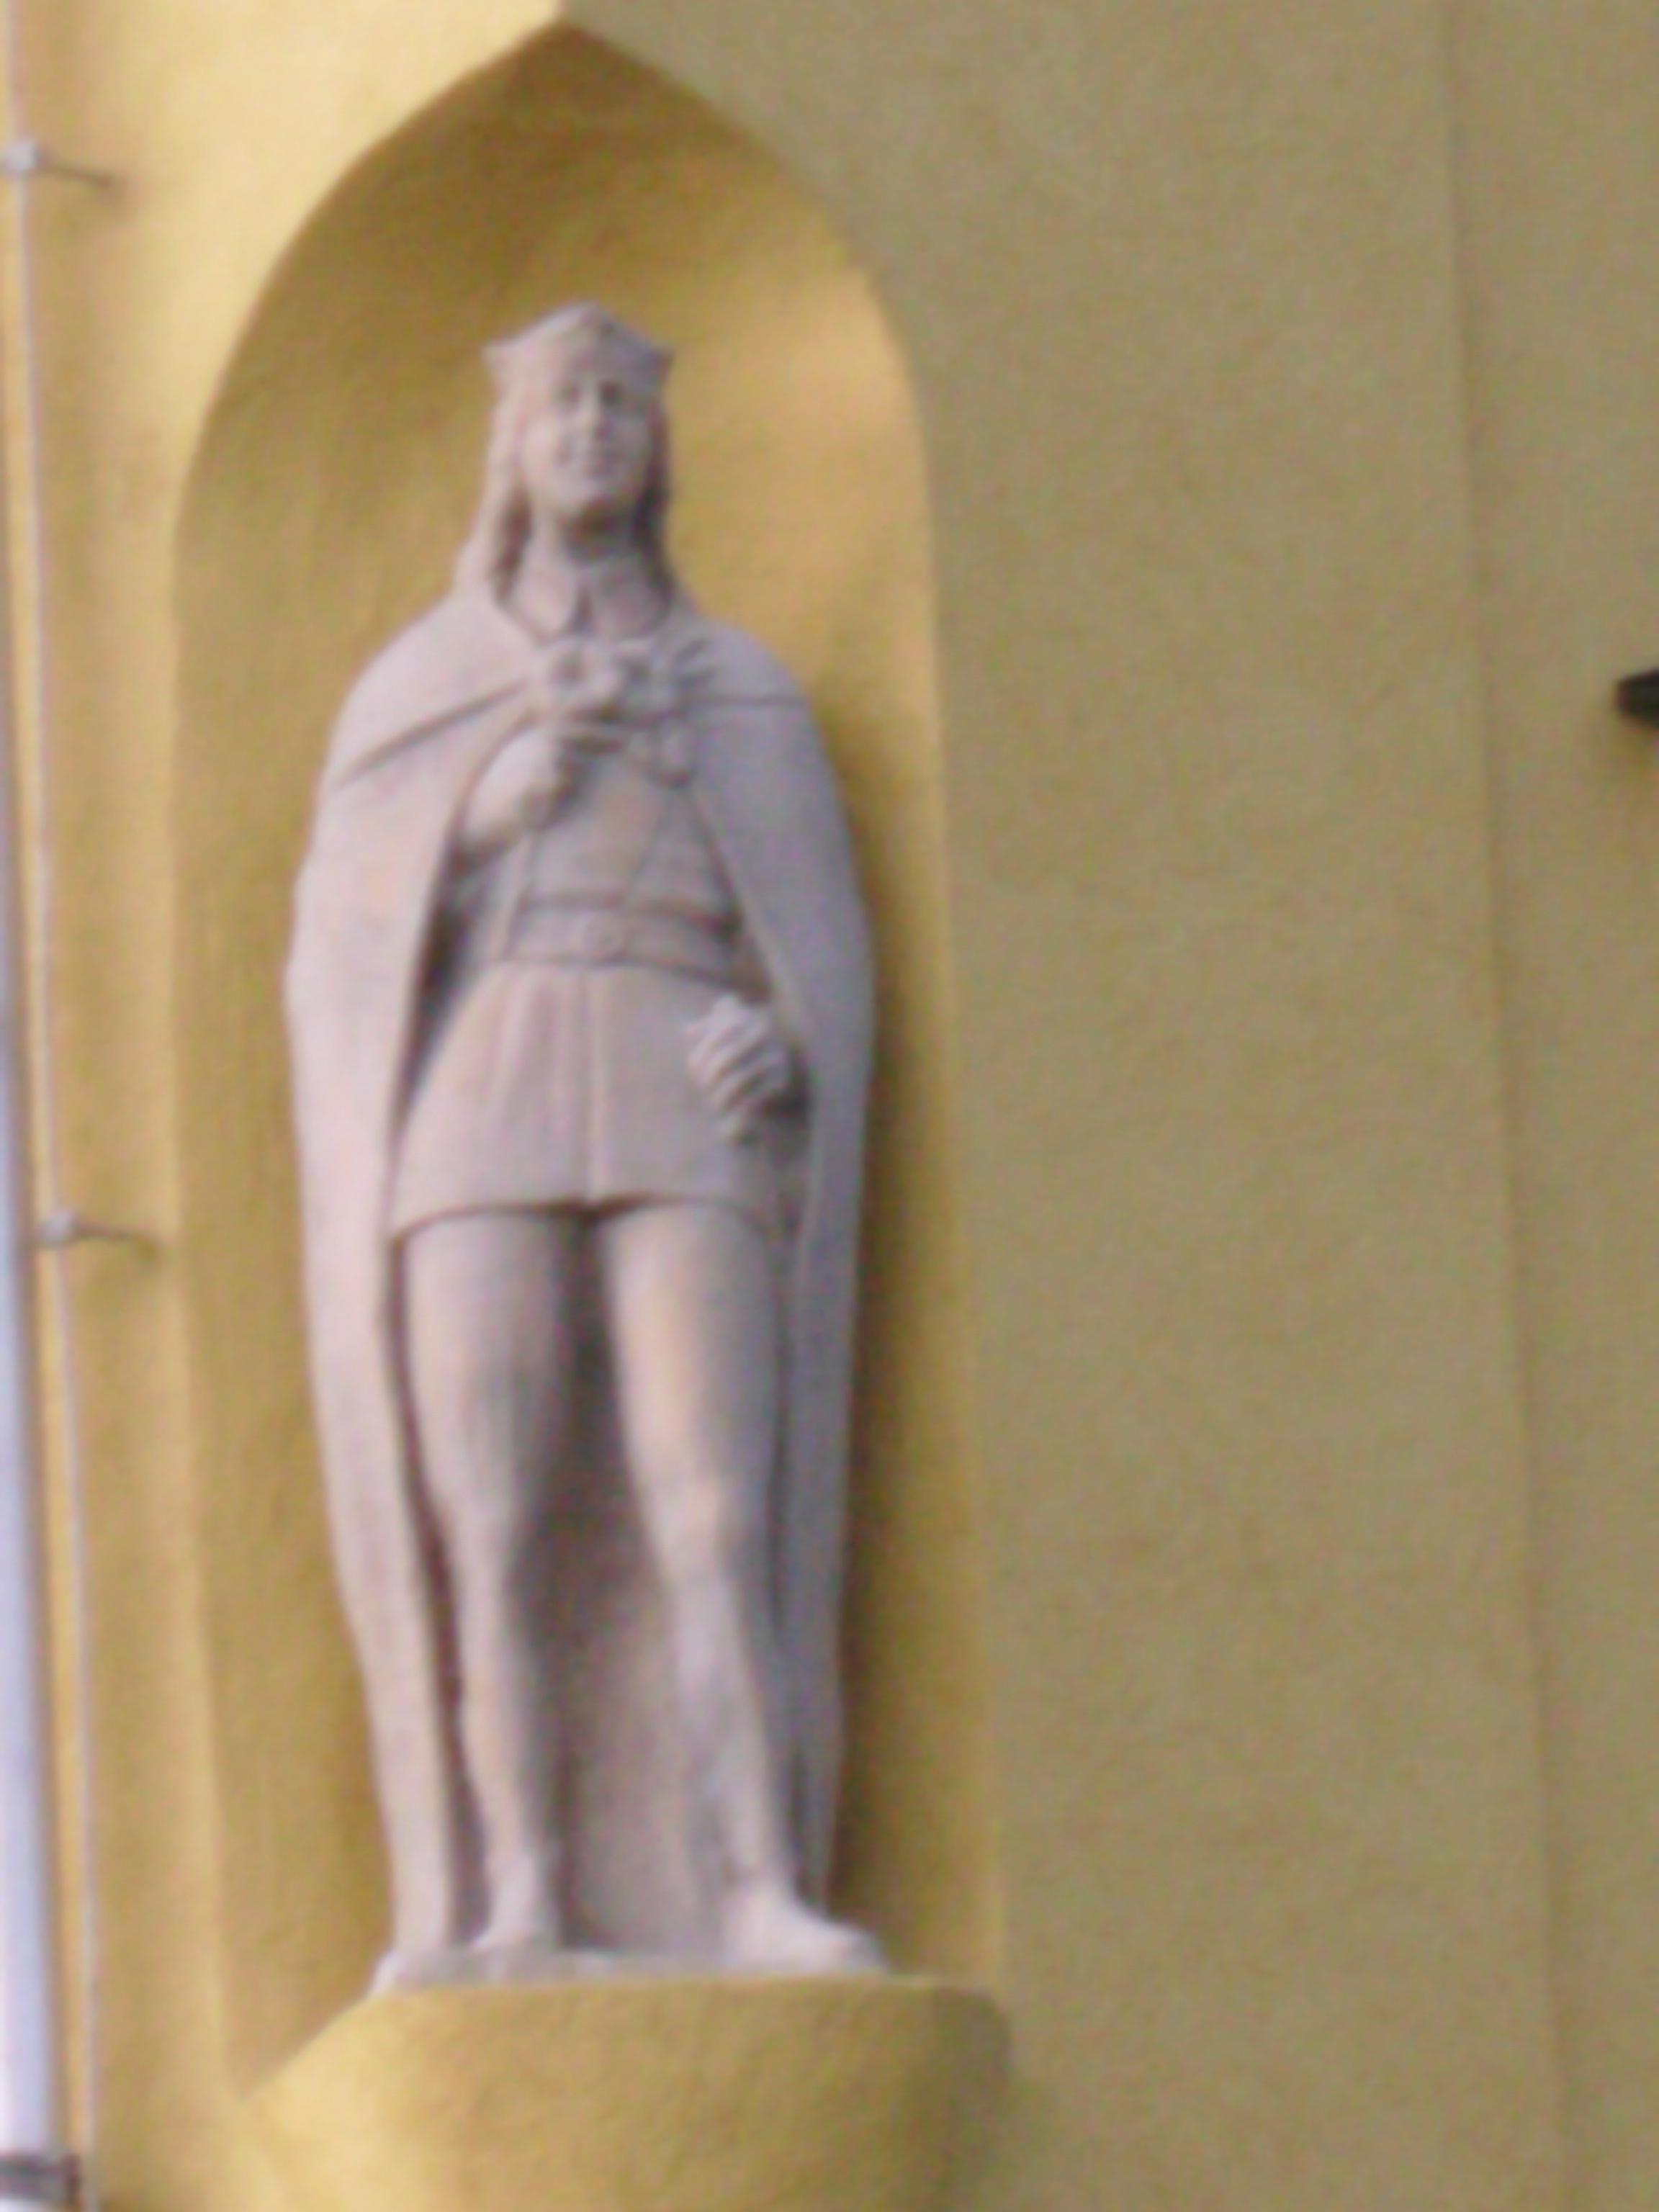 Ez a szobor nyilván a templom oldalában van, nem sikerült kiderítenem, kit is ábrázol.